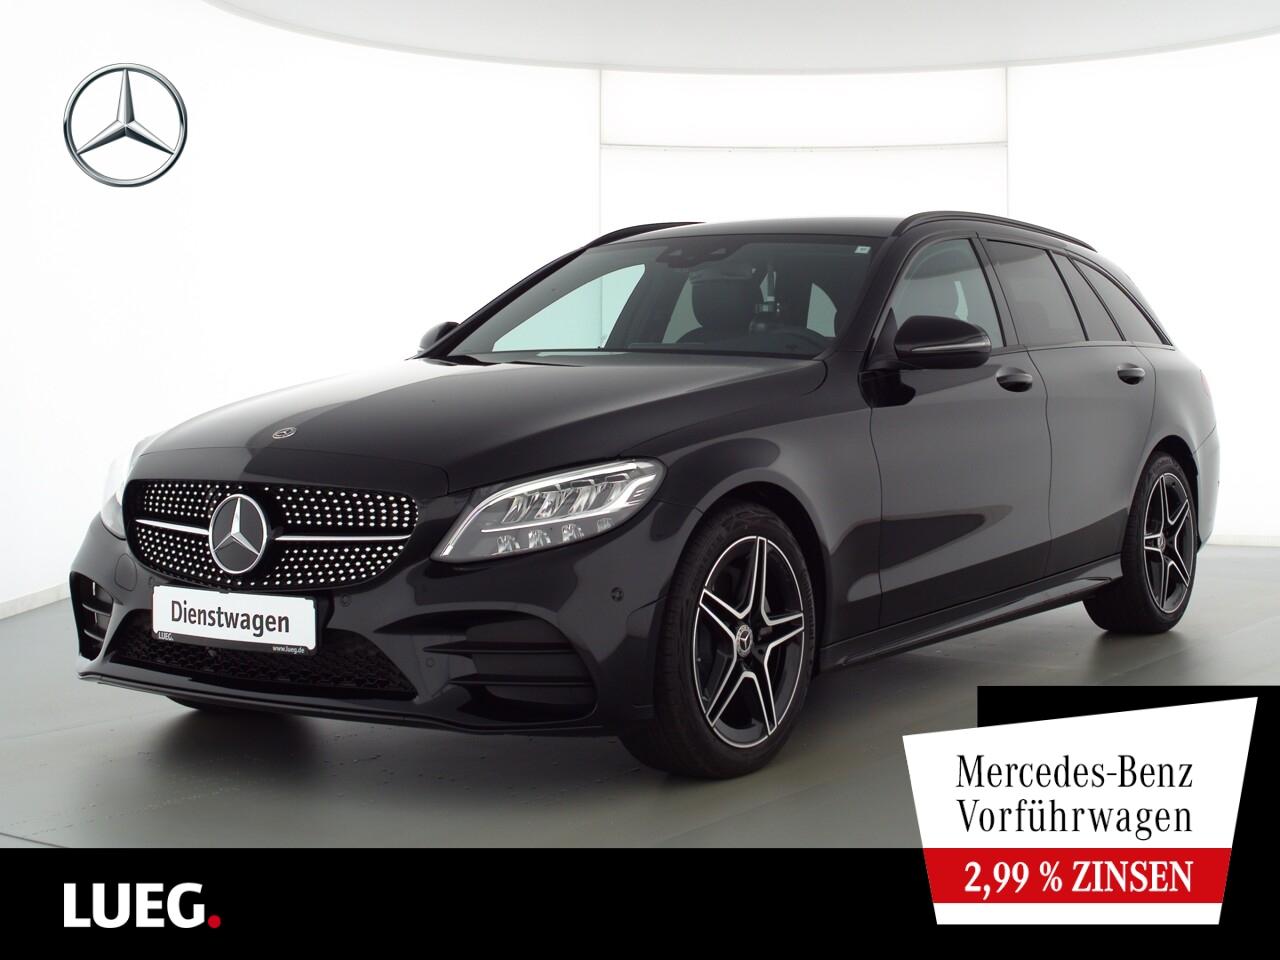 Mercedes-Benz C 180 T AMG+NIGHT+TOTW+LED+KAMERA+DIG.TACHO+PTS, Jahr 2021, Benzin